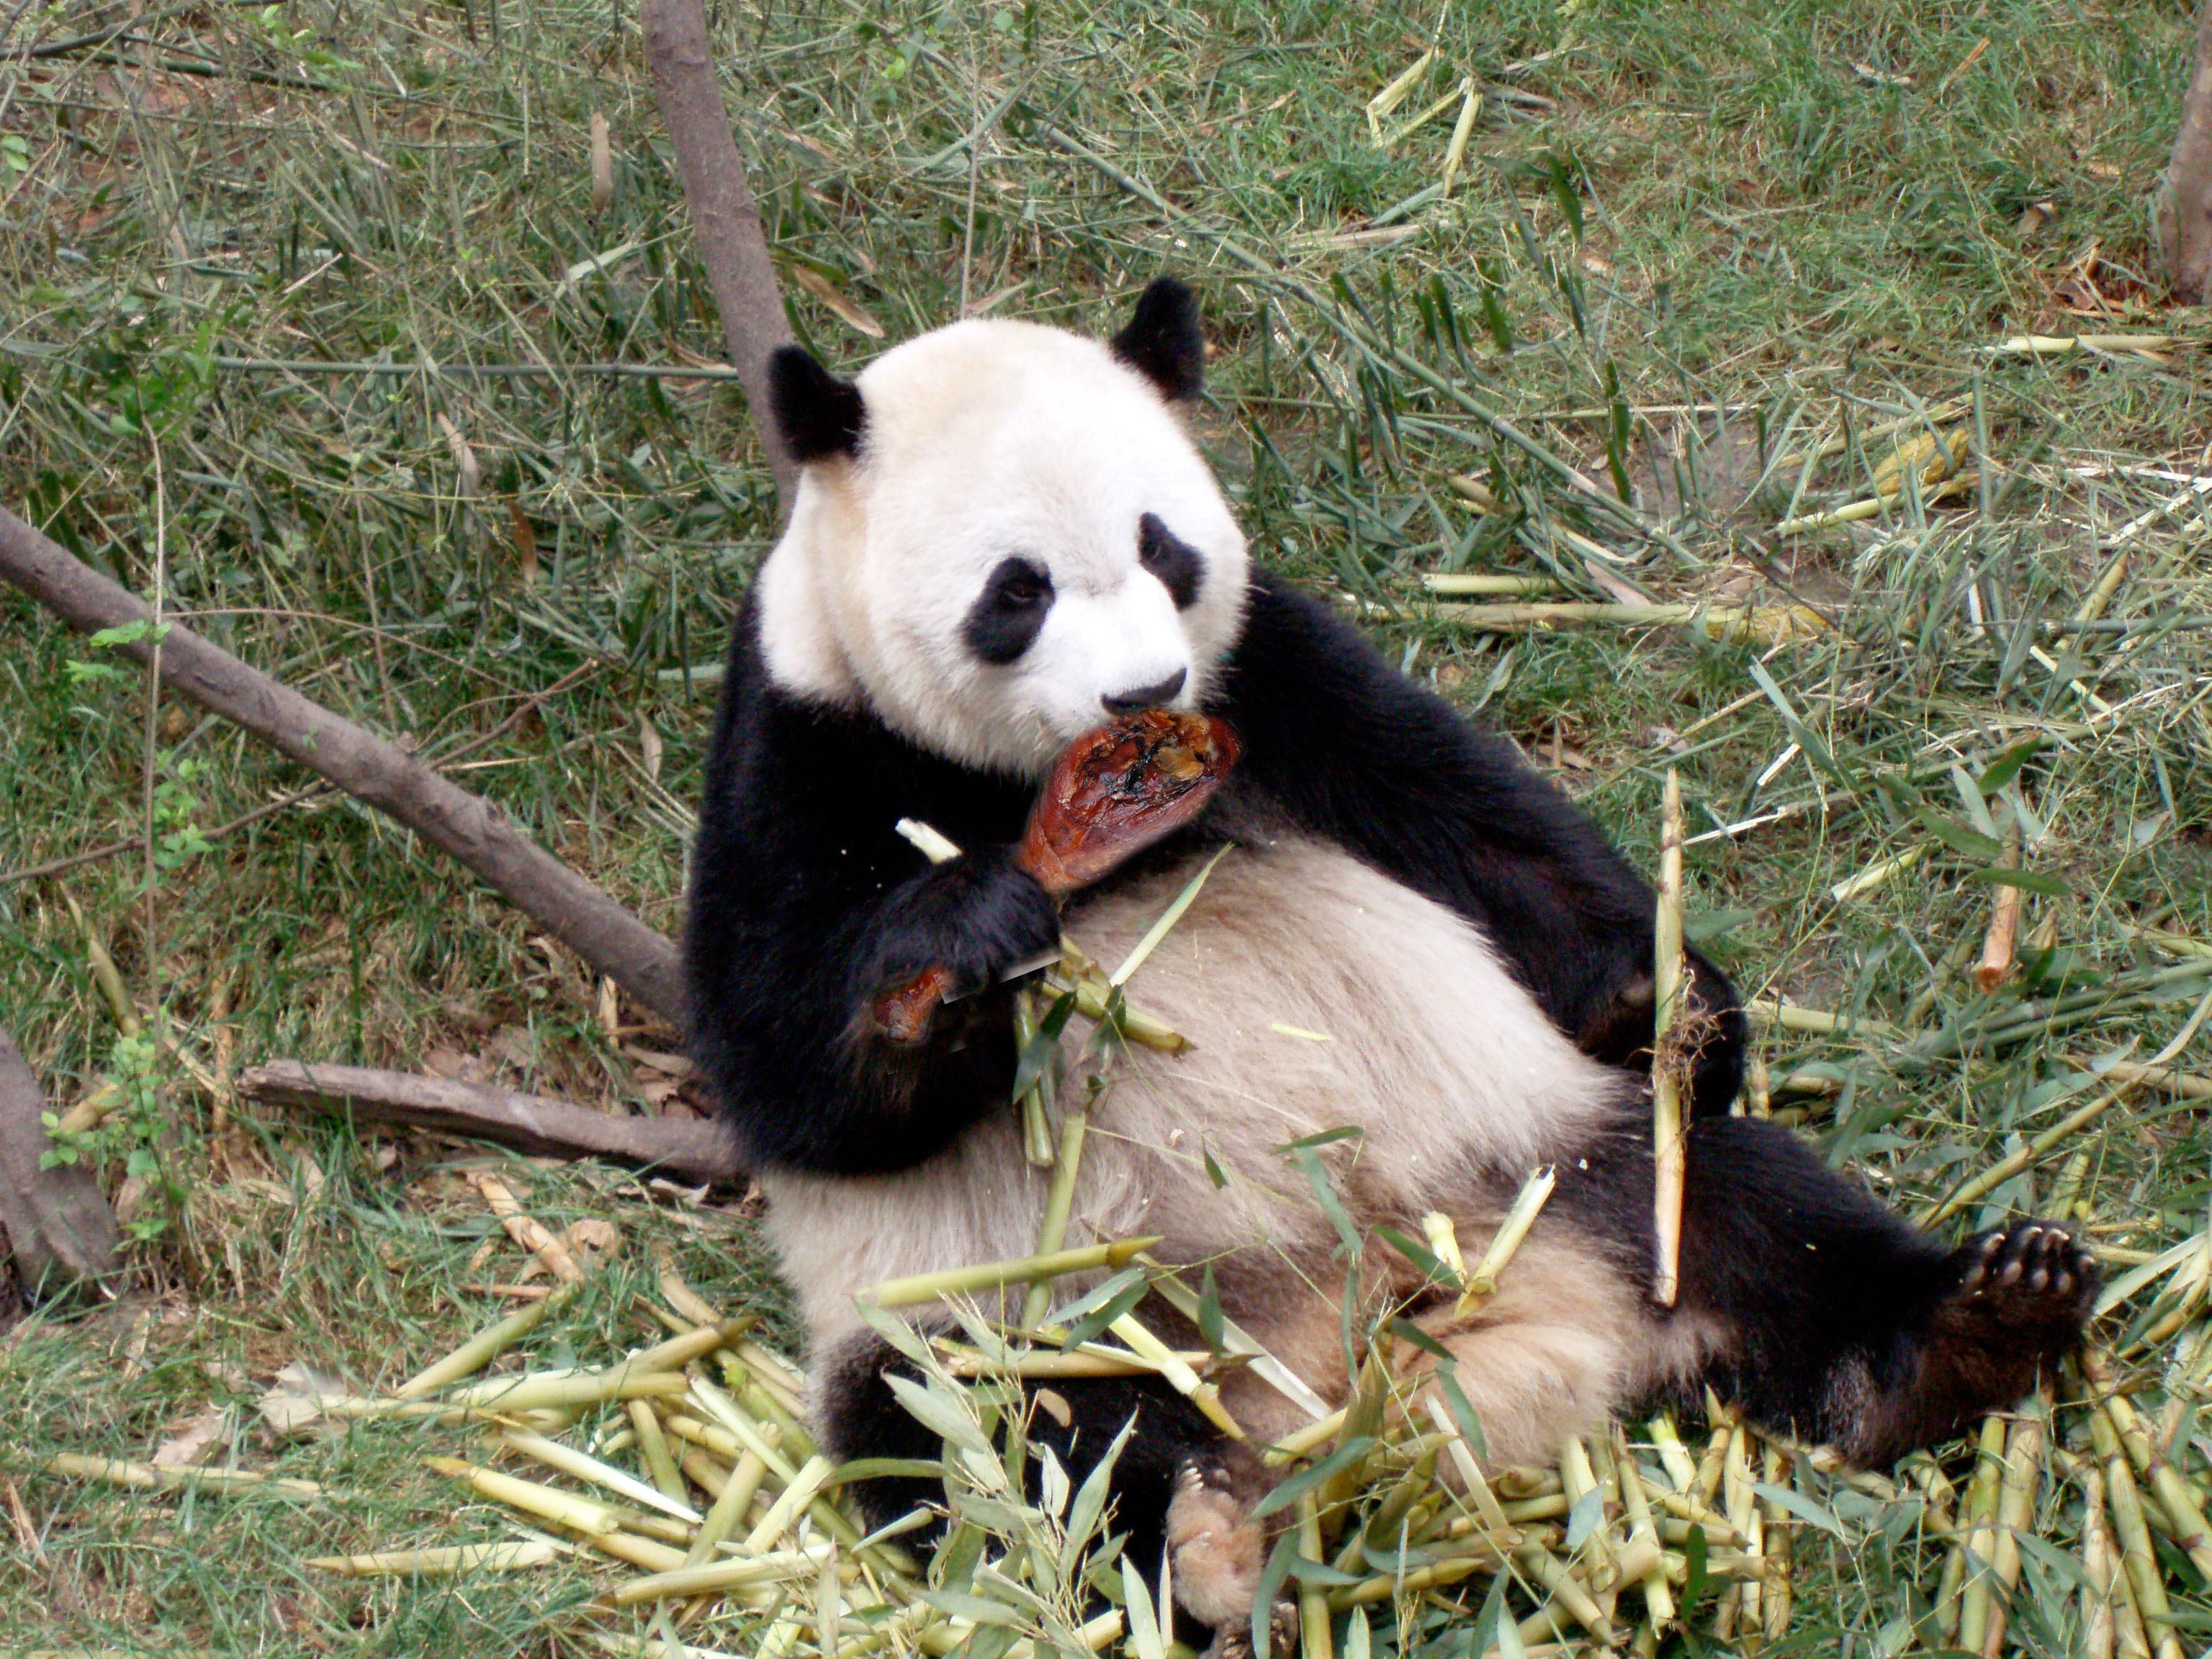 What Food Do Pandas Eat